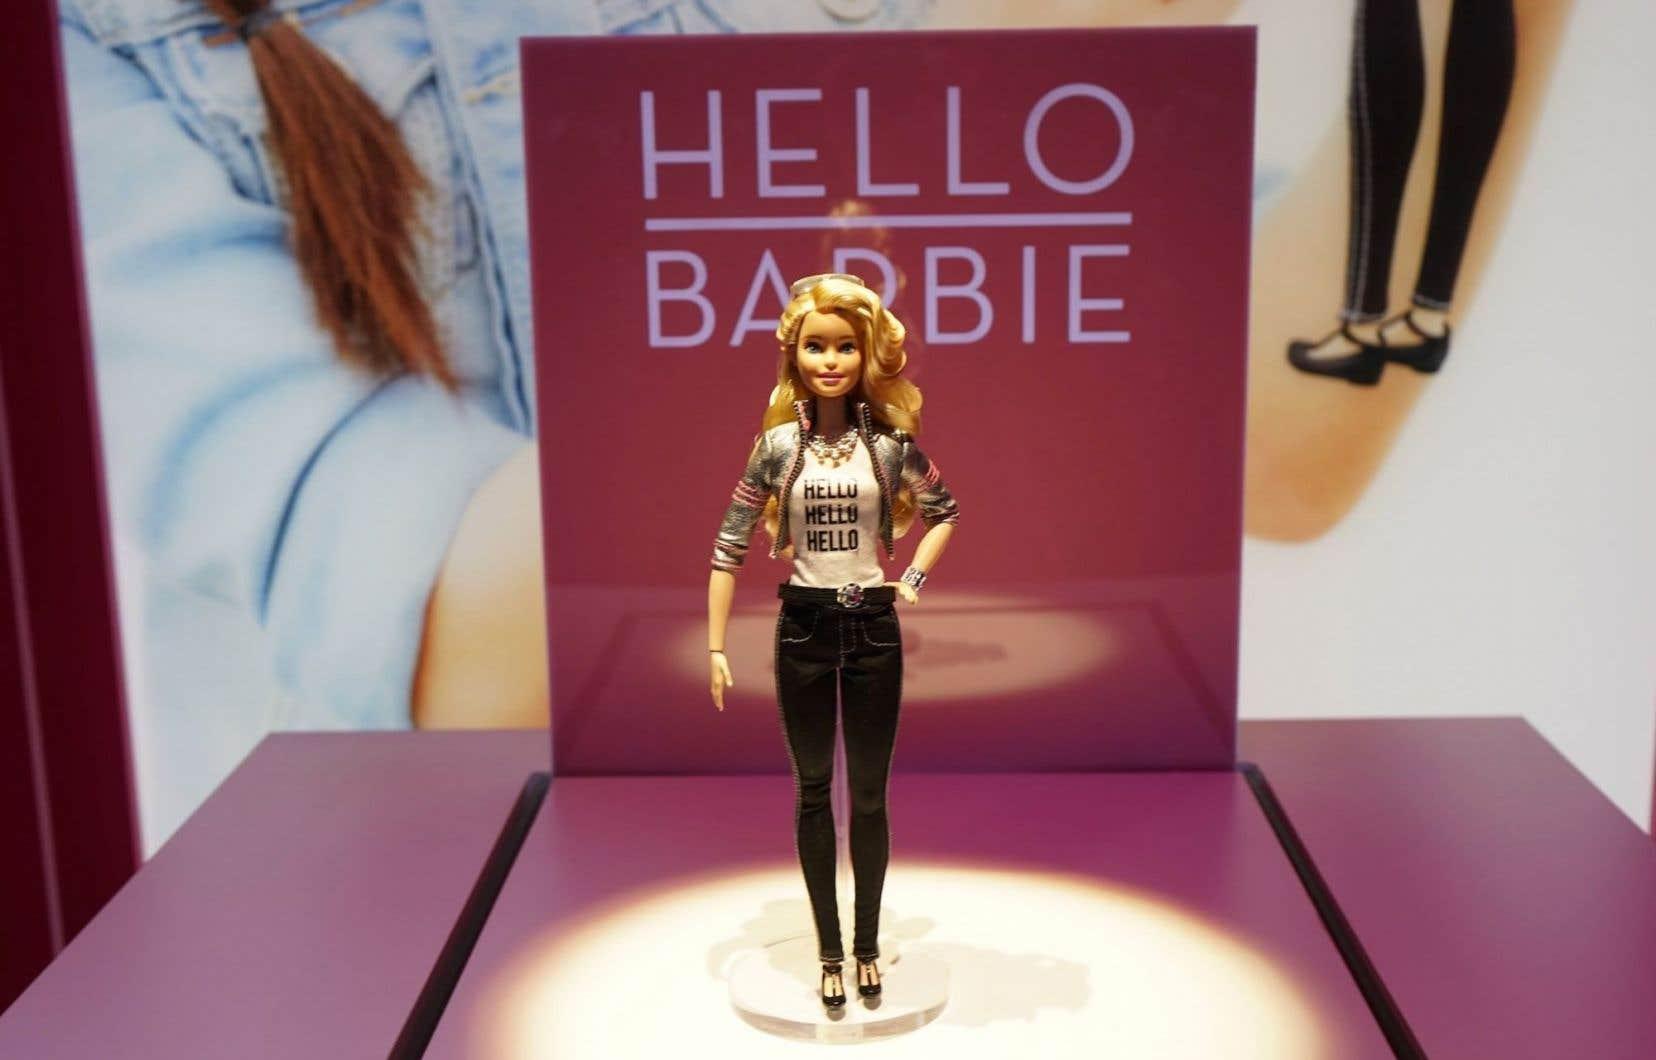 Une fois sous le contrôle d'un pirate, Hello Barbie pourrait voir son système de communication utilisé pour lui faire dire tout ce que ledit pirate souhaiterait.